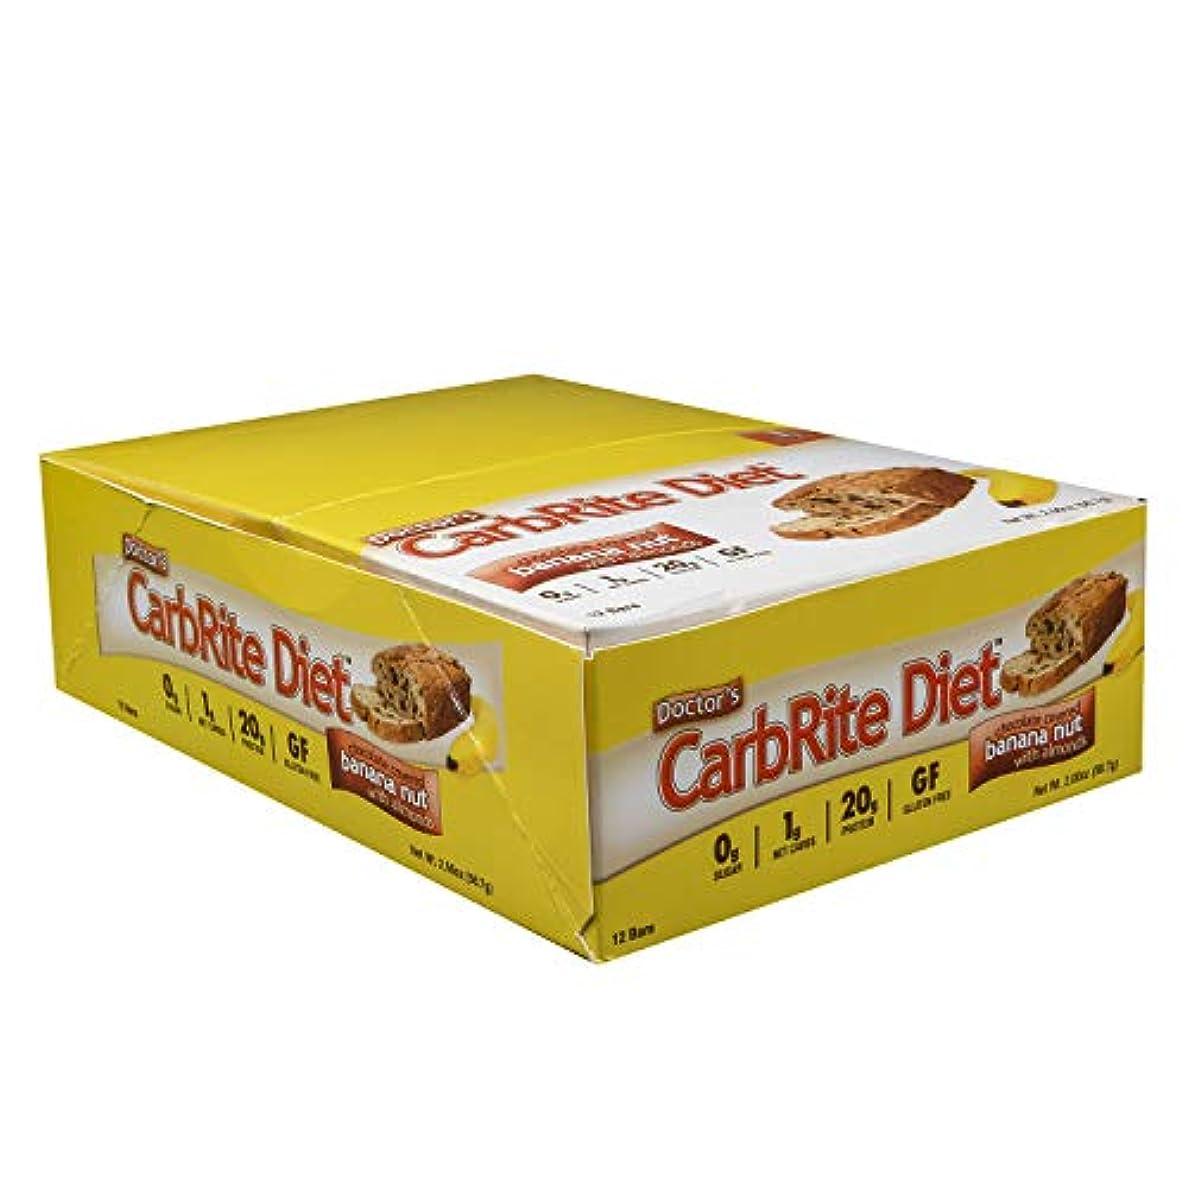 つまらない薄暗い迅速ドクターズダイエット?カーボライトバー?チョコレートバナナナッツ 12本